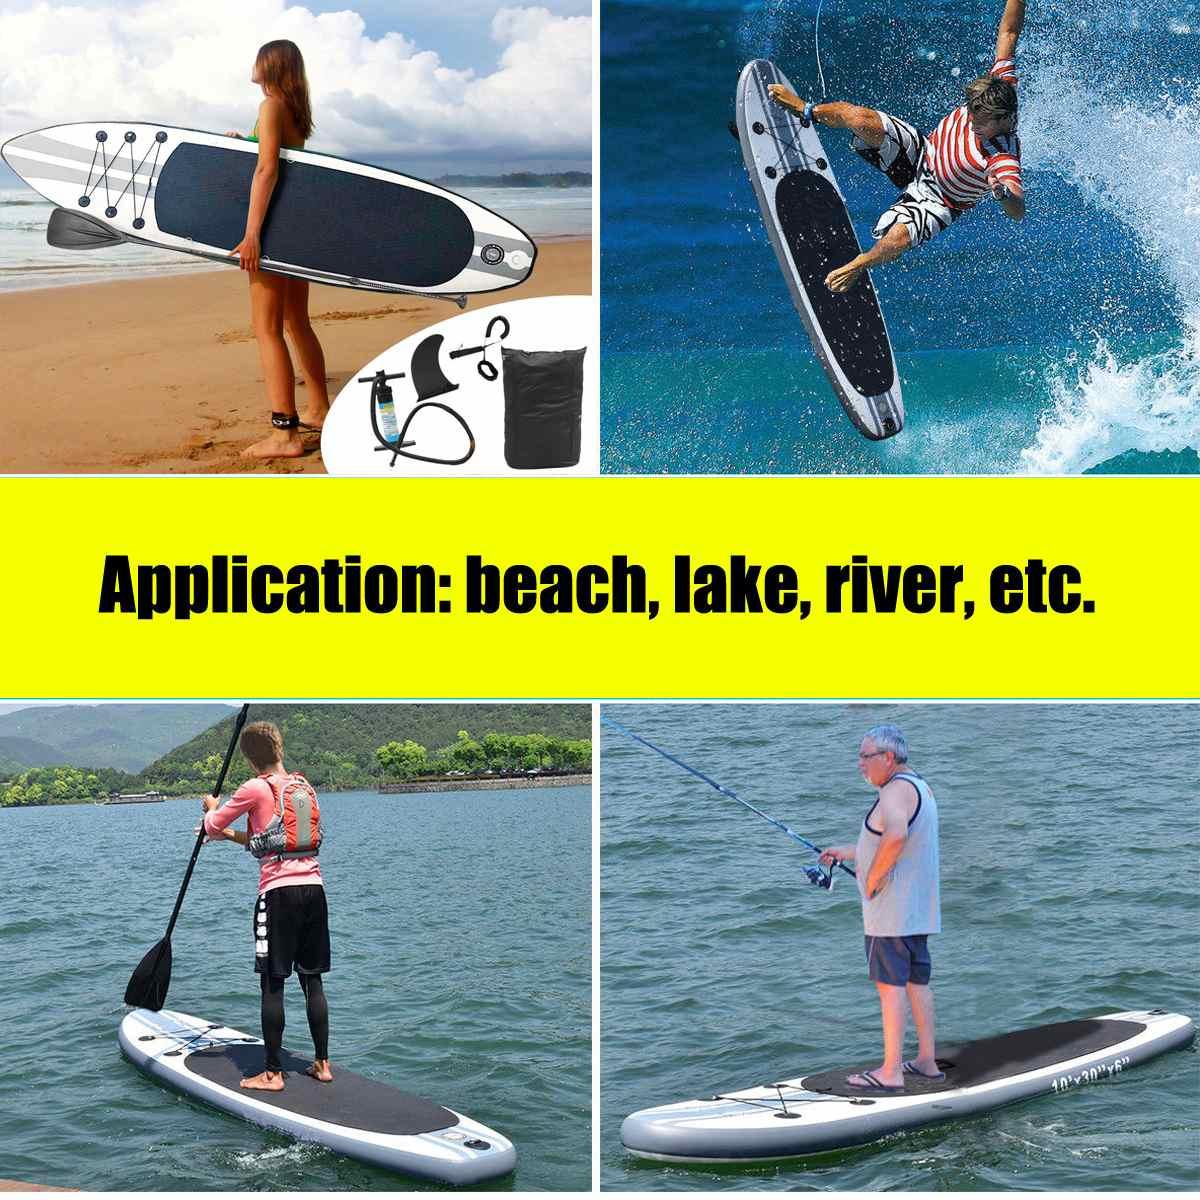 f3edb972d Prancha inflável 320x78x15 centímetros Prancha Stand Up Paddle Surf Board  Esporte Sup Board + Bomba de Água corda de segurança de Ferramentas Kit em  Surf de ...